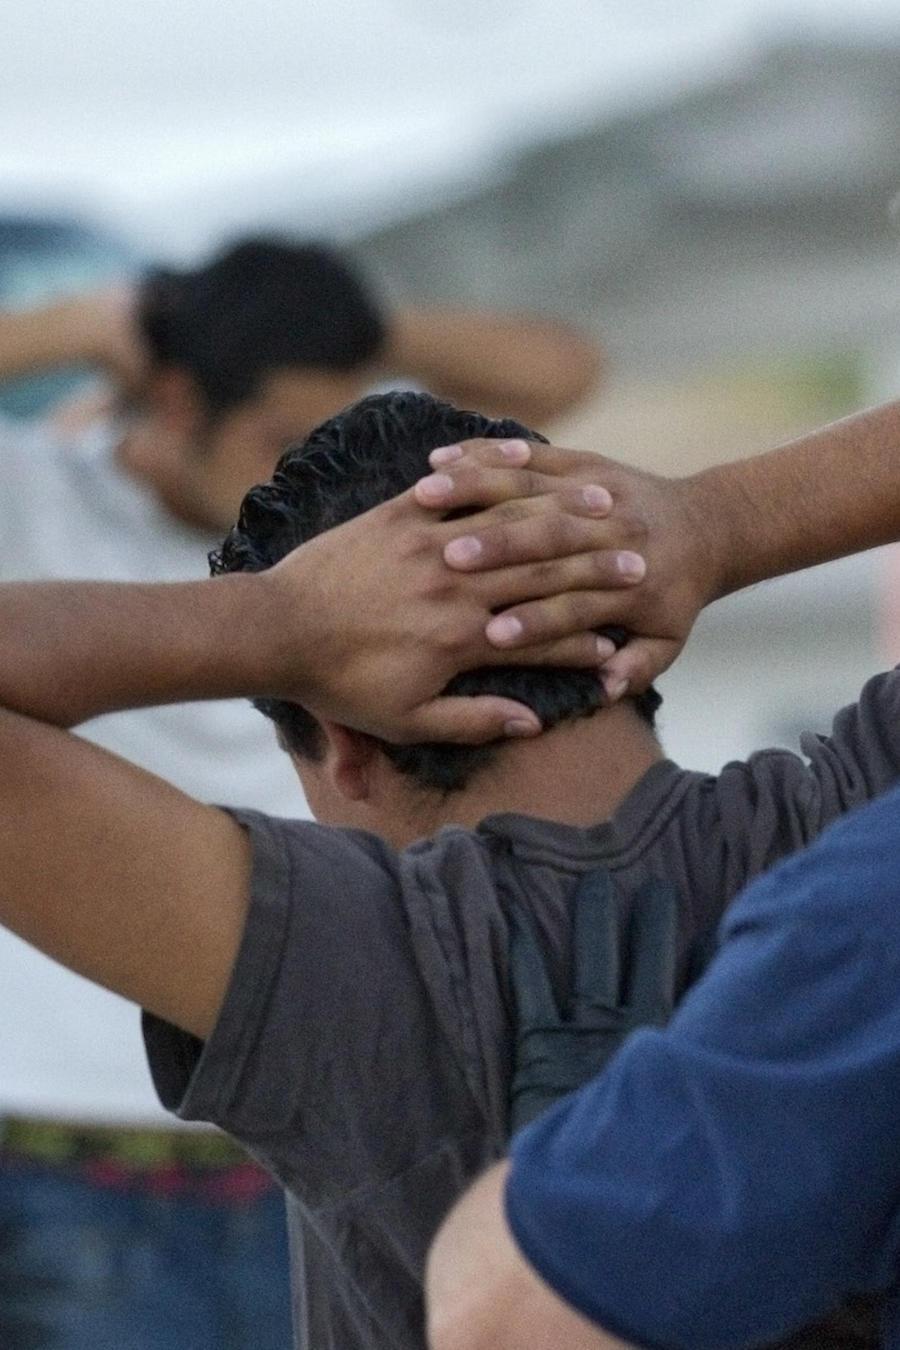 Imagen de archivo de inmigrantes indocumentados siendo deportados en avión desde Arizona en 2012.